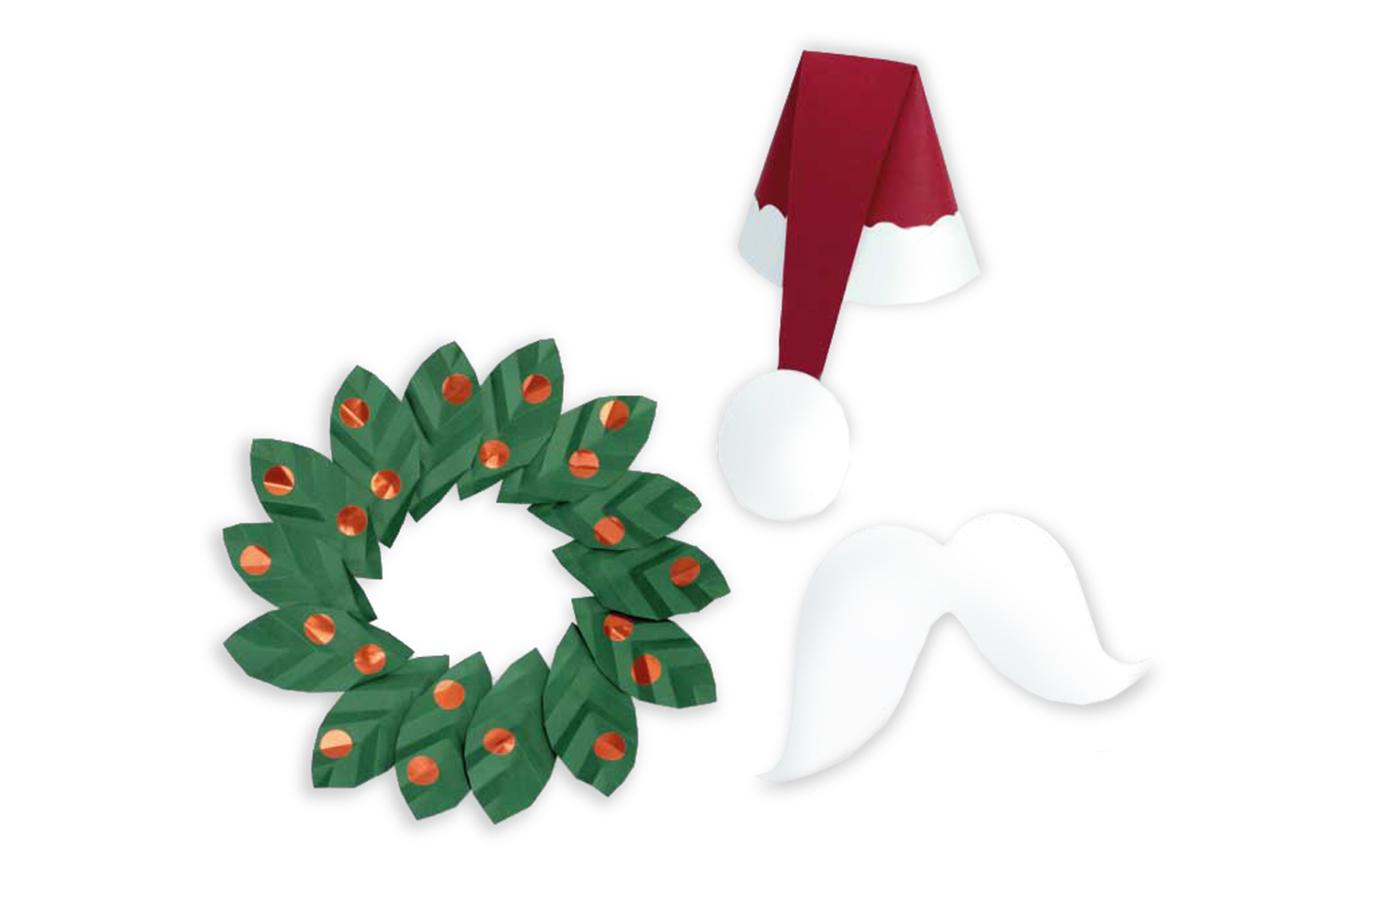 Accessoire trophée Noël